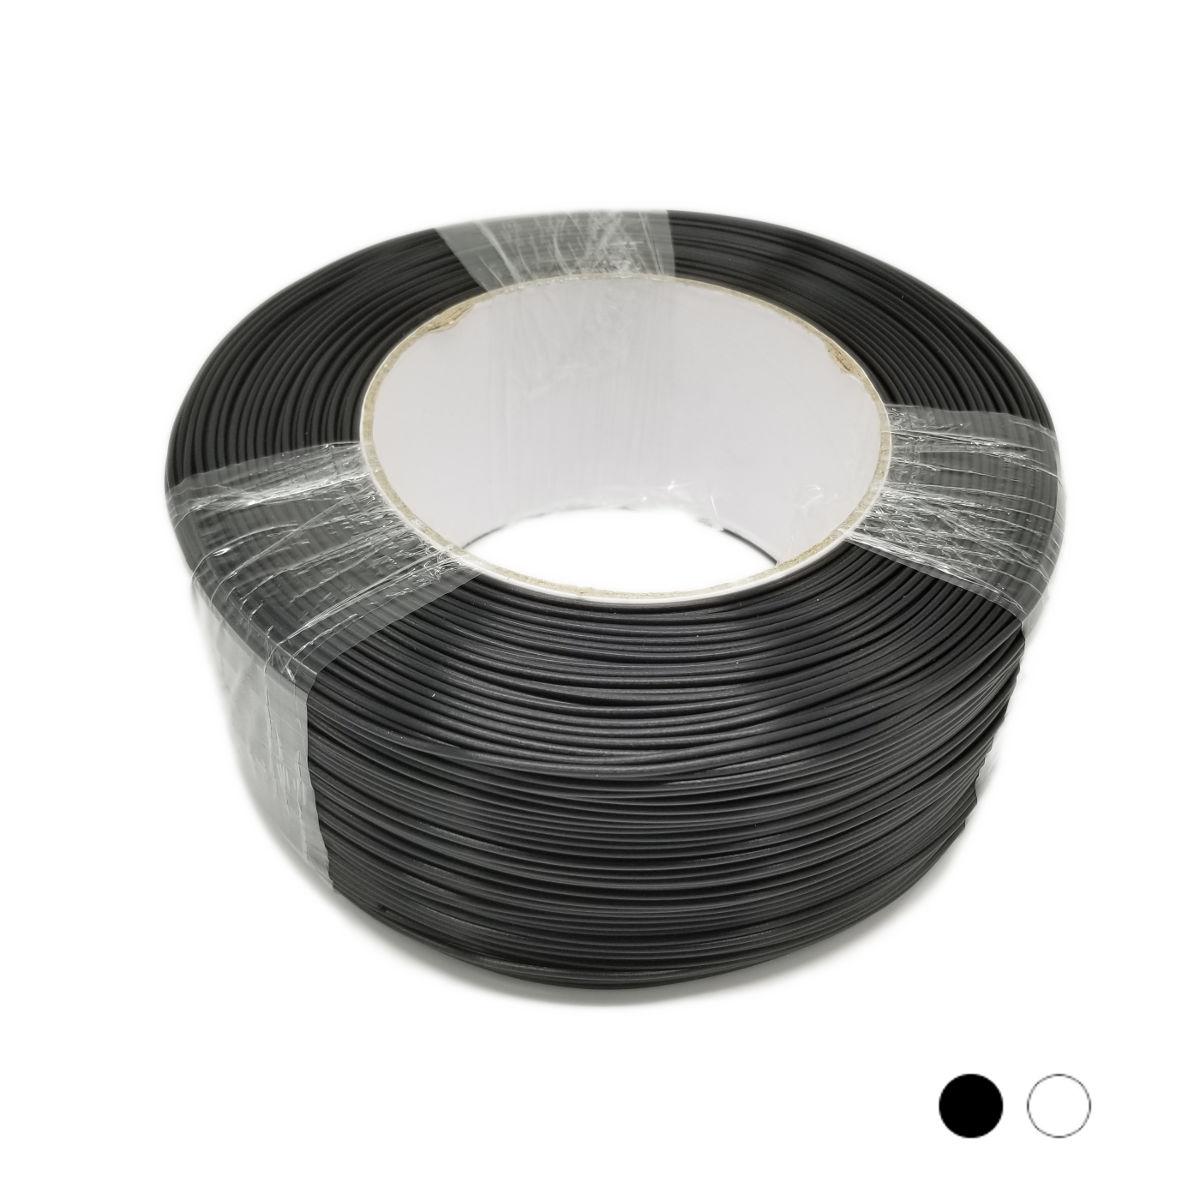 reSpool3D PETG - 1.75mm 3D Printer Filament REFILL